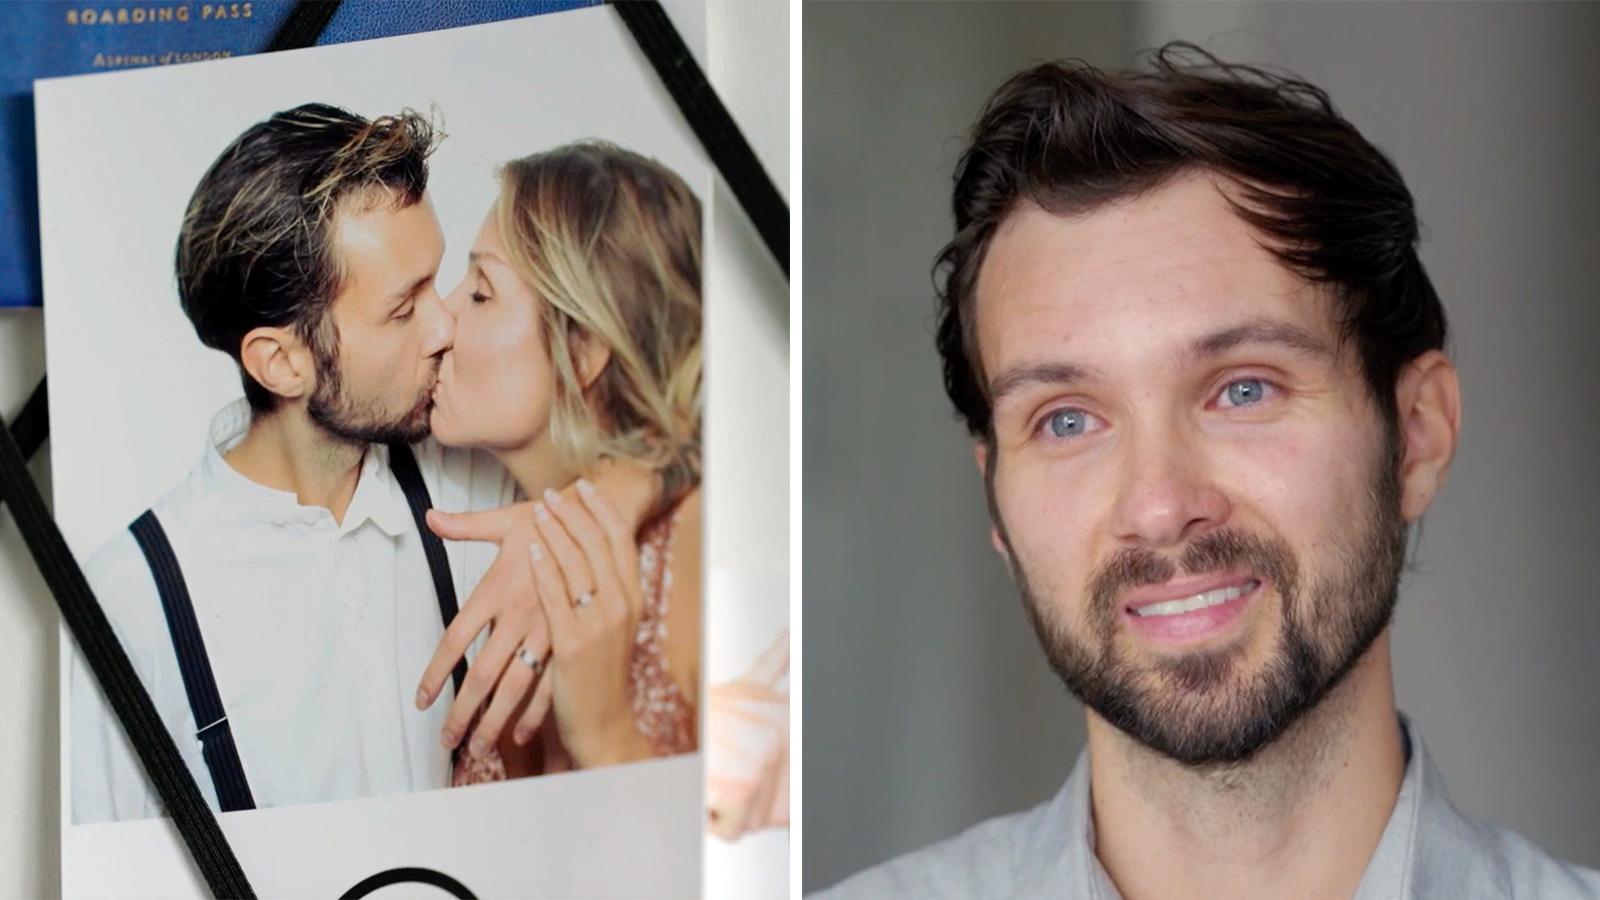 Isak Thern träffade Martina på Barncancergalan 2017 och snart planerar de att gifta sig.